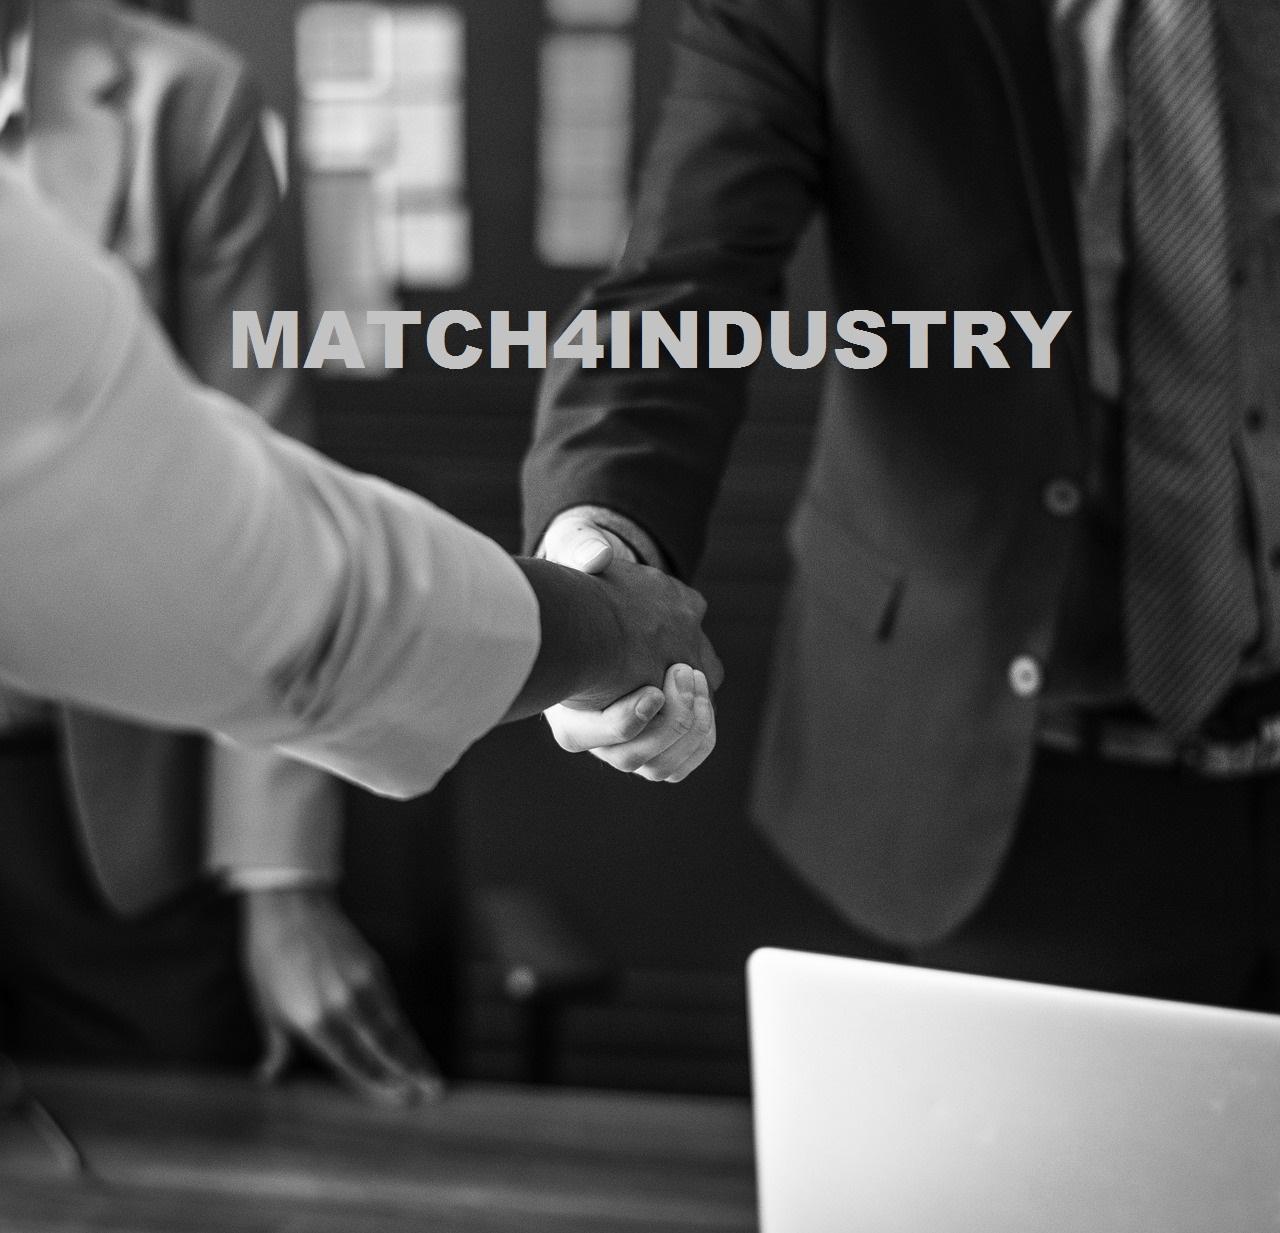 Budovanie obchodných kontaktov na podujatí Match4Industry v Turecku